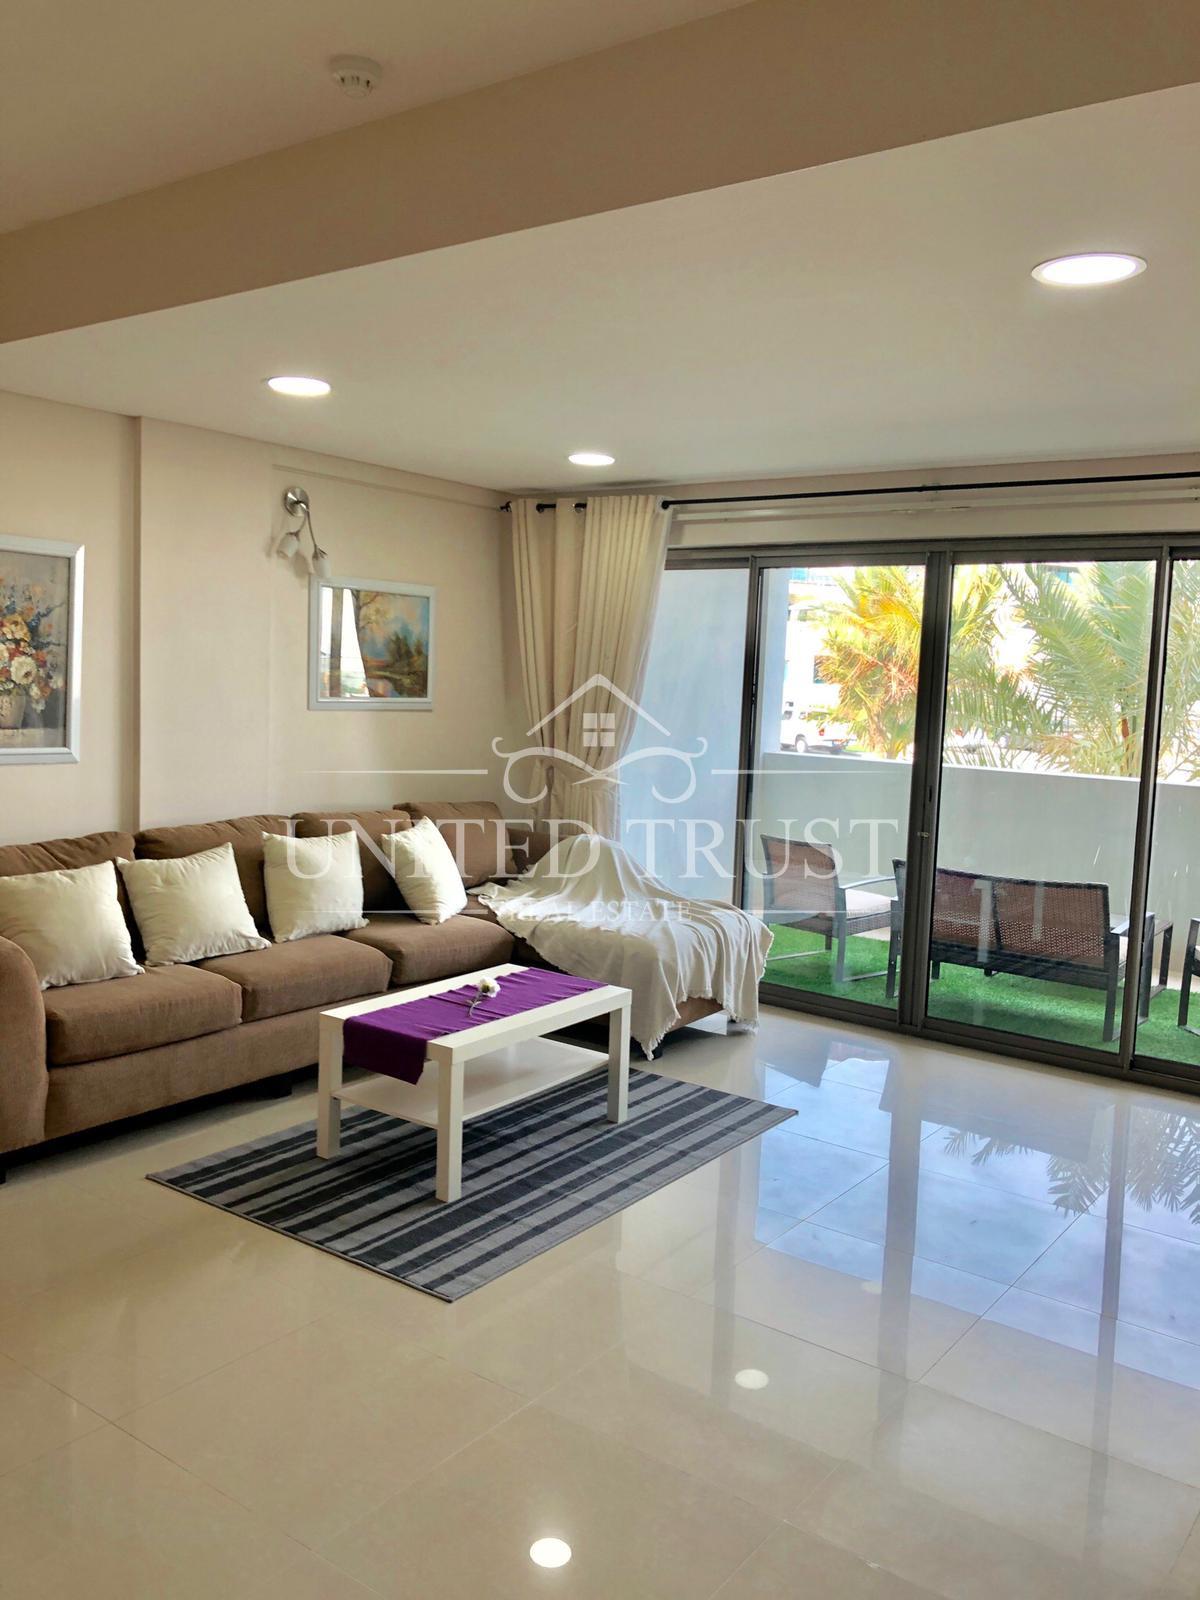 For sale Flat in Amwaj. Tala island. Sea viewRef: AMW-AB-029